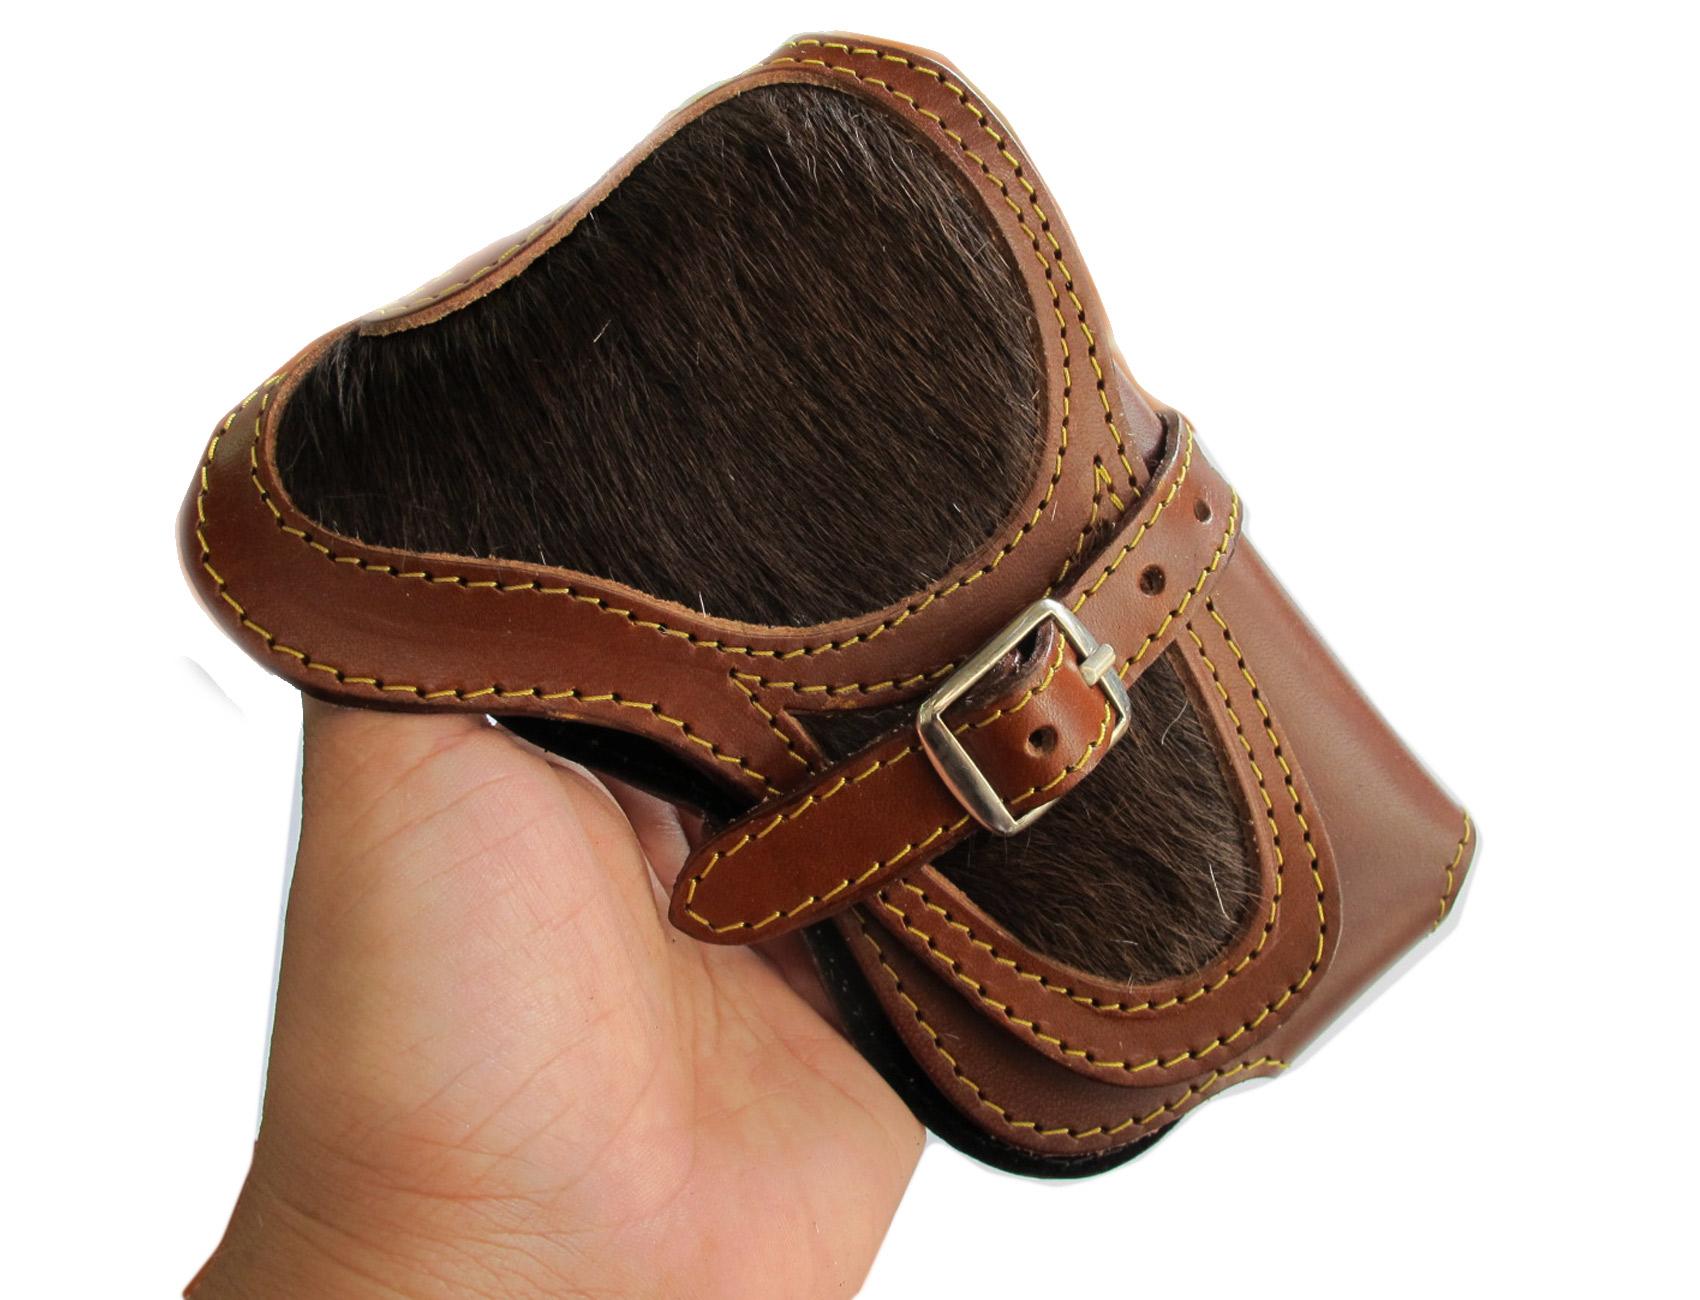 กระเป๋าใส่โทรศัพท์ หนังวัวแท้ ประดับด้วย ขนวัว และเข็มขัดเพื่อยึดตัวกระเป๋า